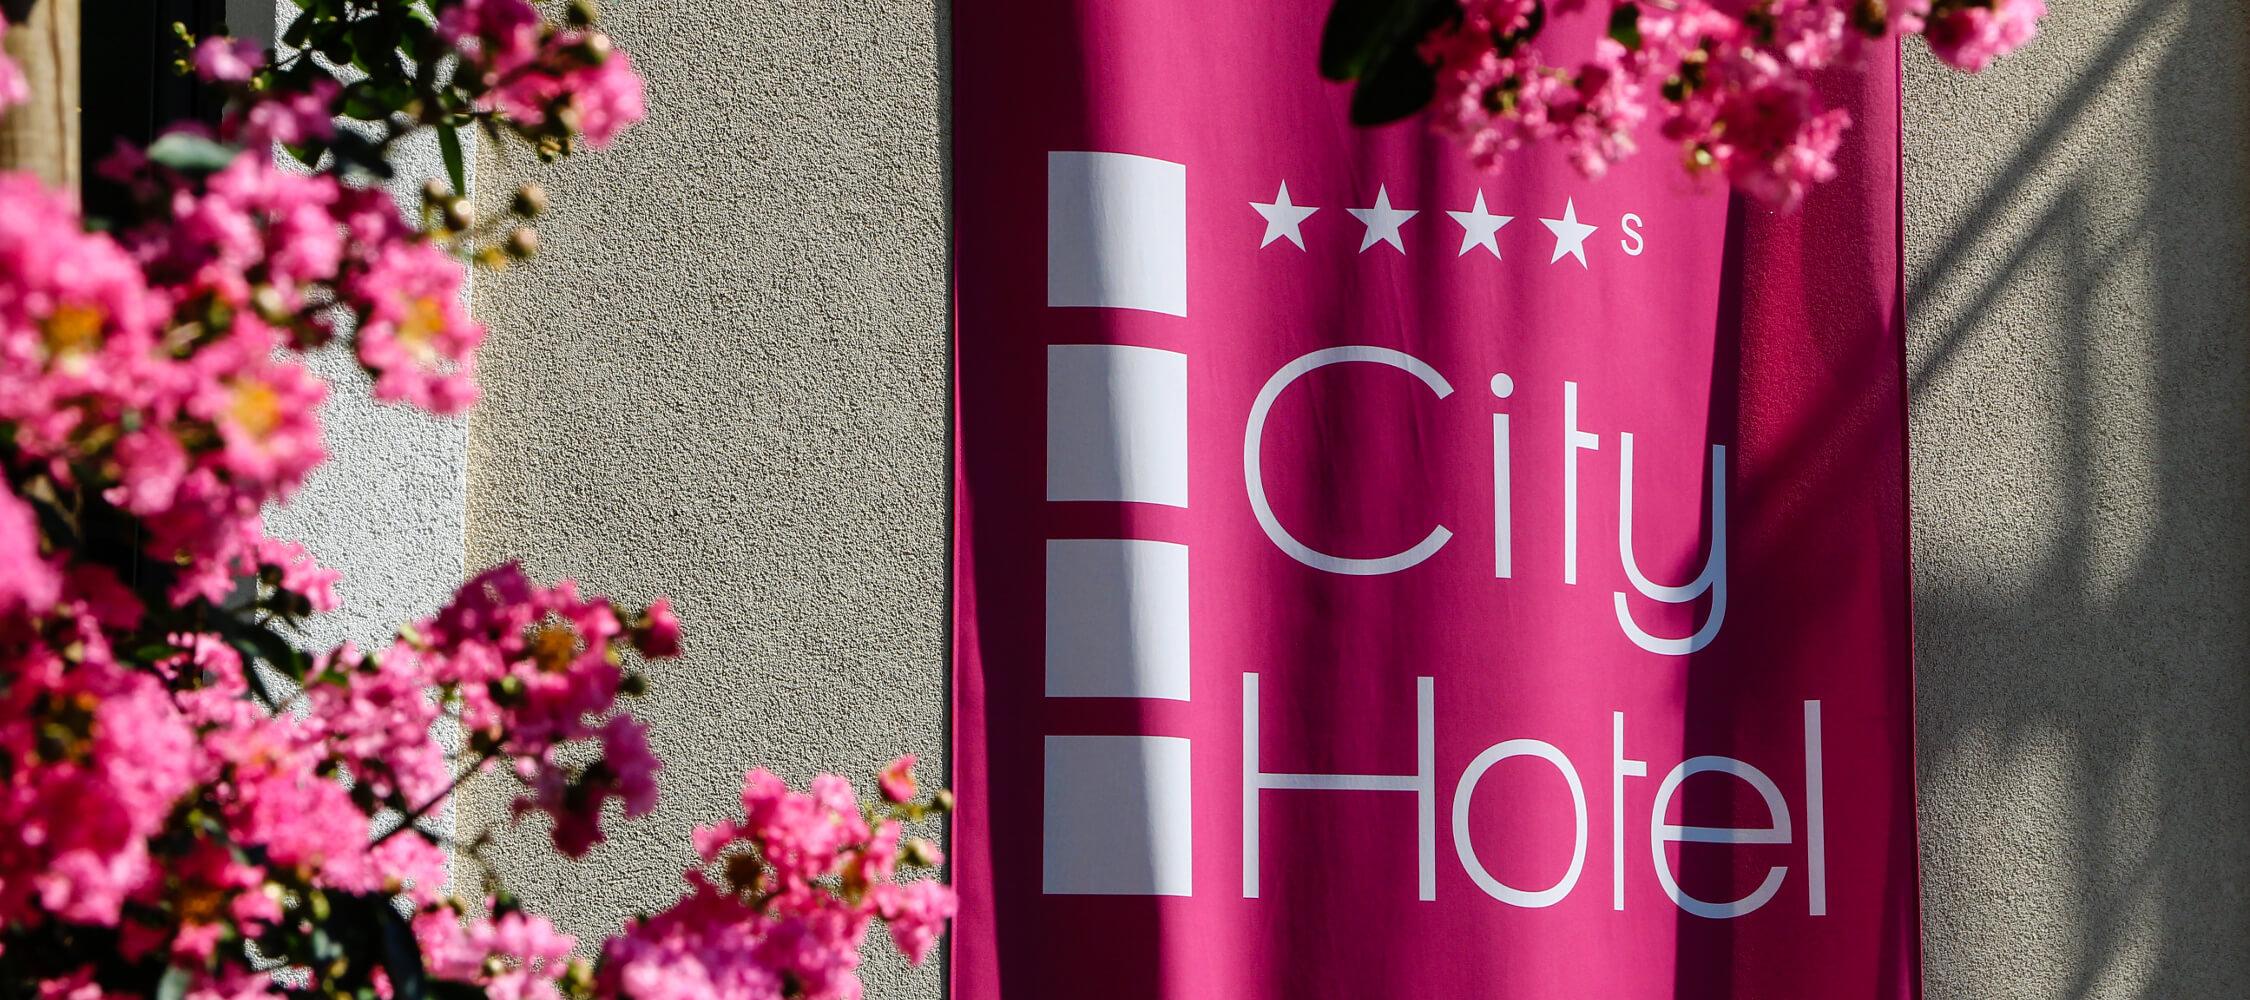 City Hotel Merano, vicino il centro storico di Merano.